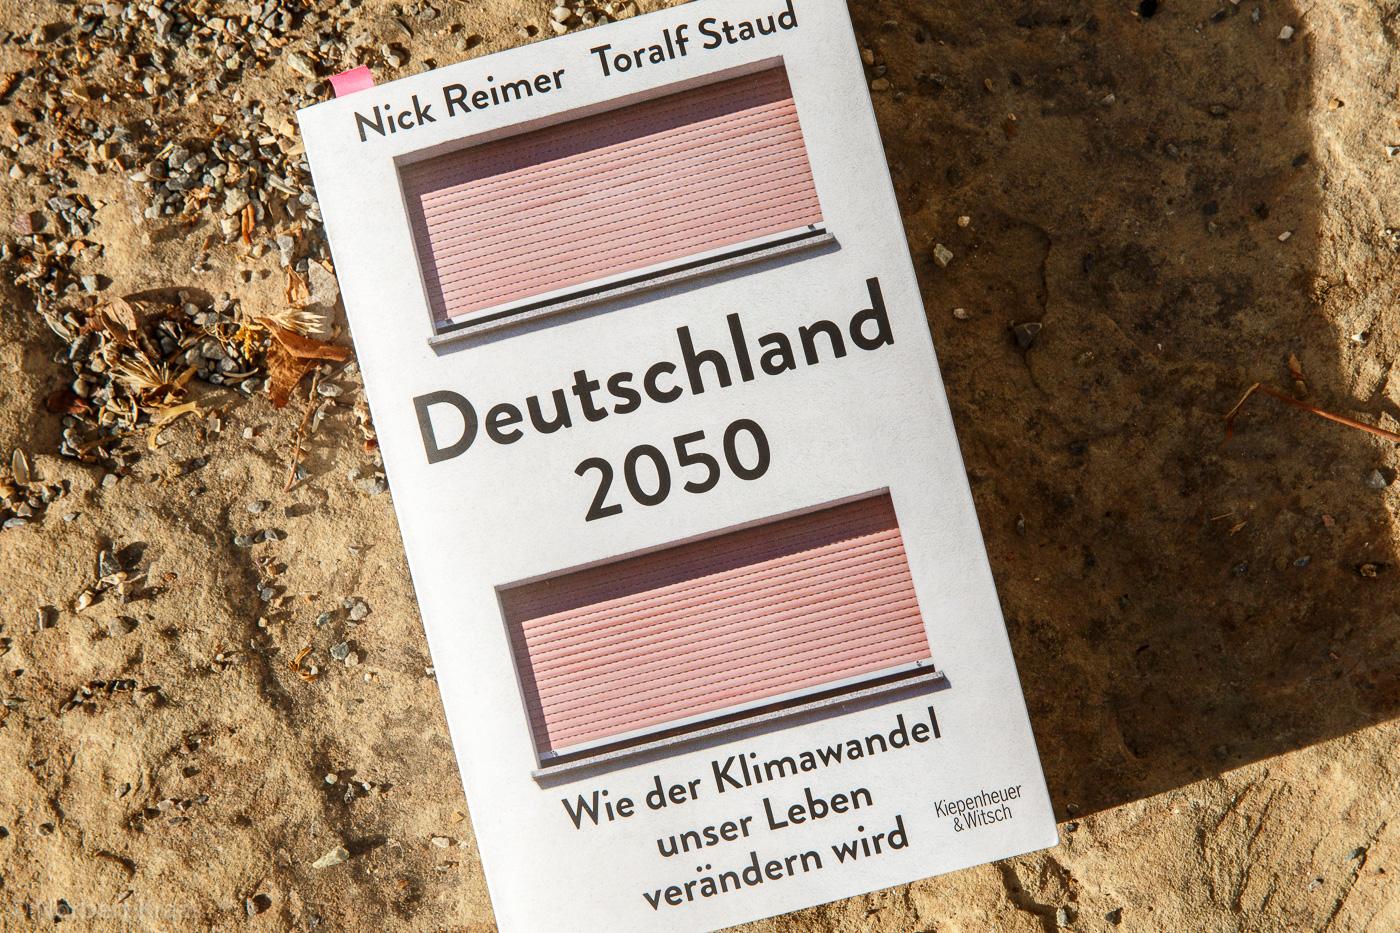 Wer wissen möchte, was 2050 in Deutschland auf uns zukommt, möge dieses Buch lesen